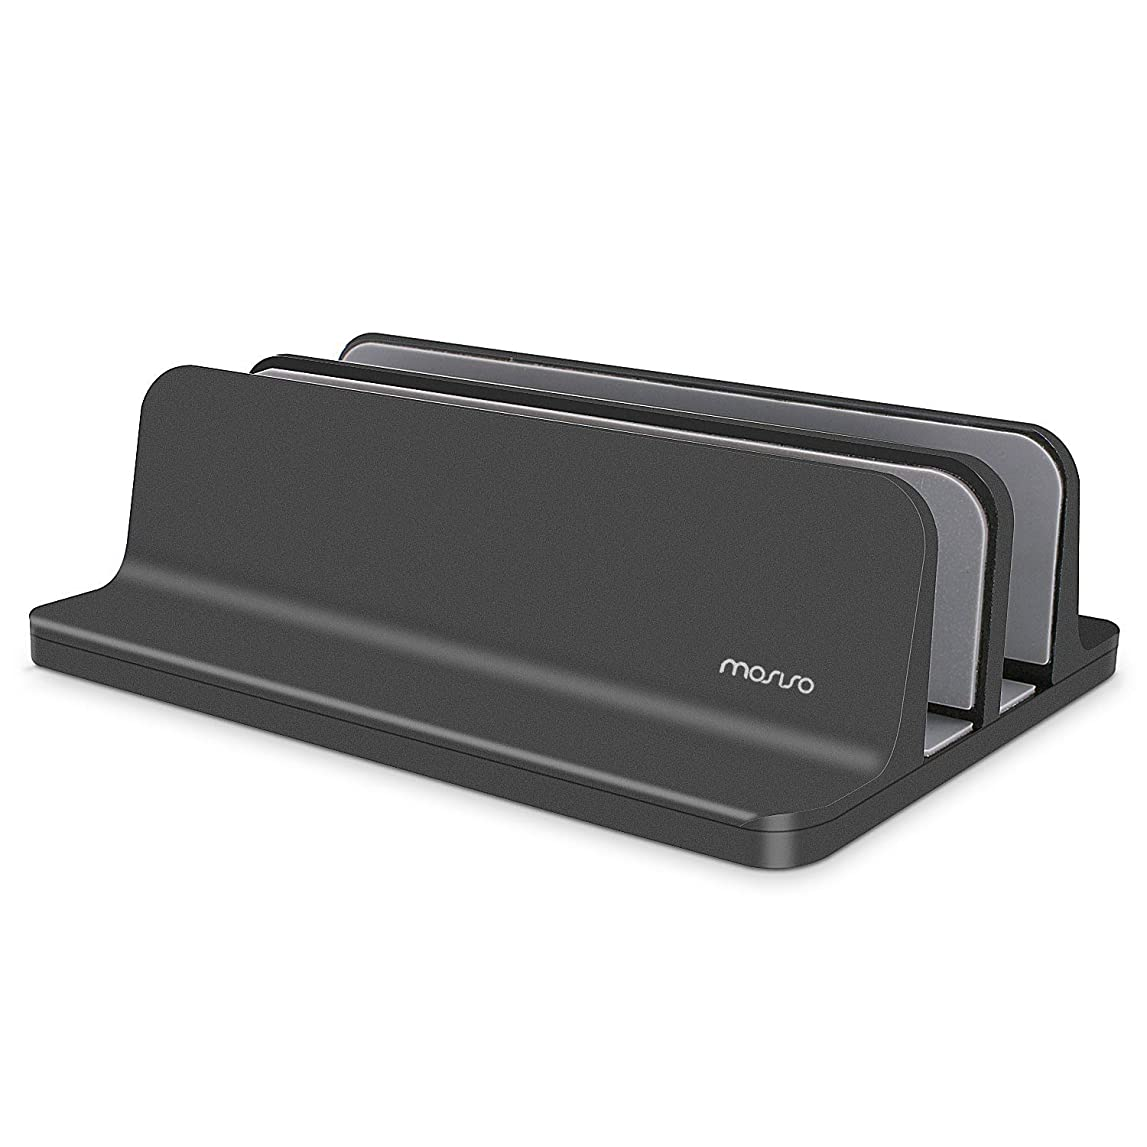 観客みすぼらしい落ちたMosiso ノートパソコン スタンド 縦置き 2台収納 冷却 ノートpcスタンド 幅調節可能 滑り止め 安定 PCホルダー MacBook/ラップトップ/iPad / タブレットなど17インチまでに対応 アルミ製(ブラック)